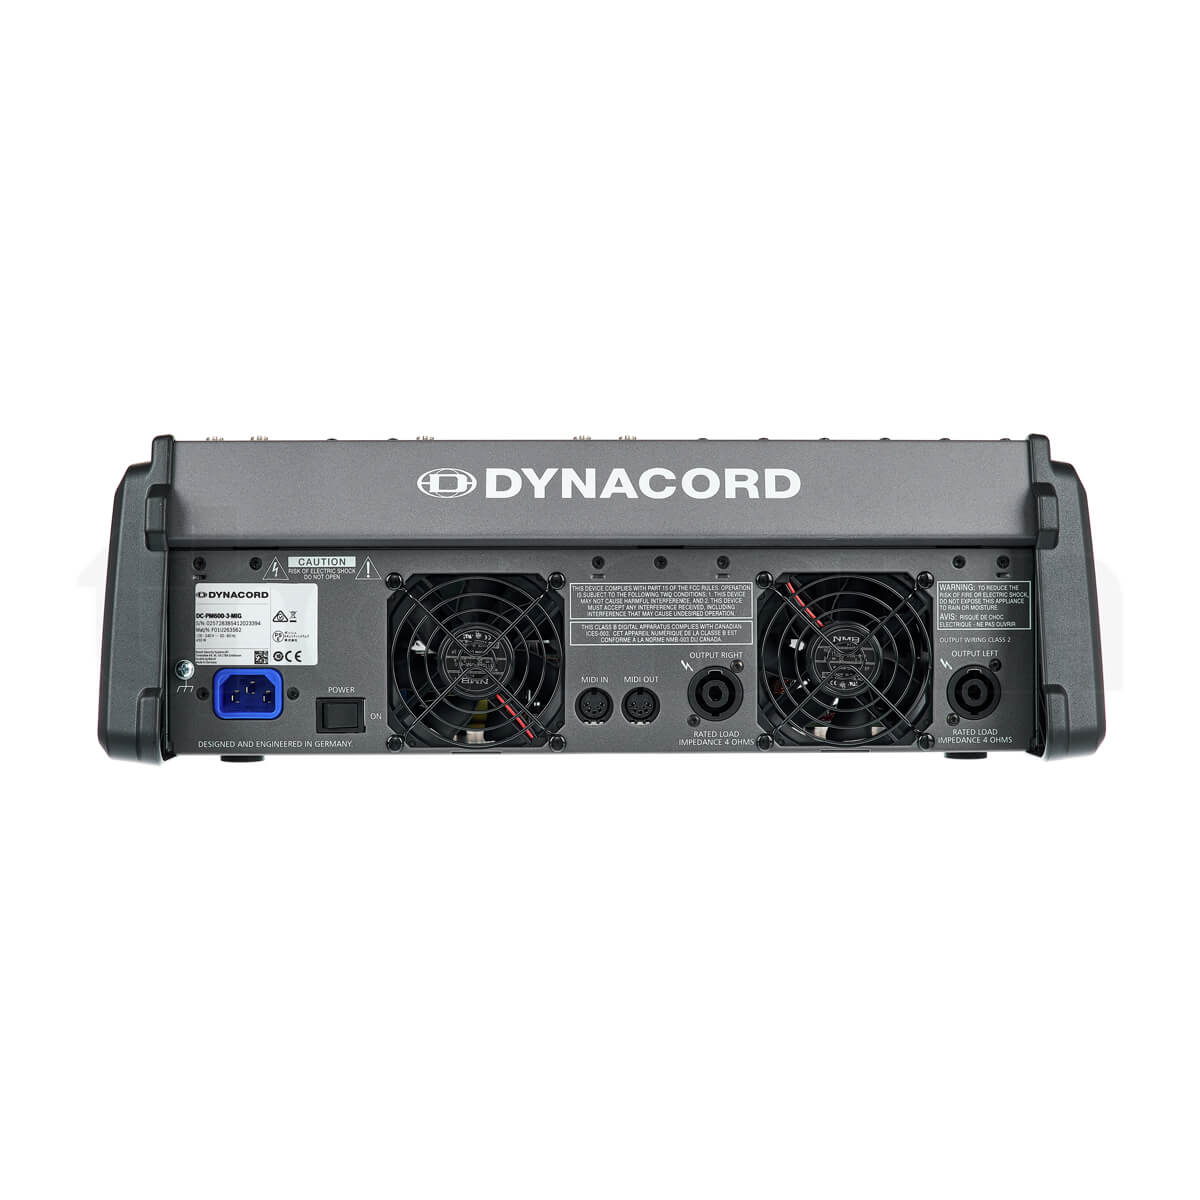 Mixer Dynacord Powermate 600-3 chính hãng